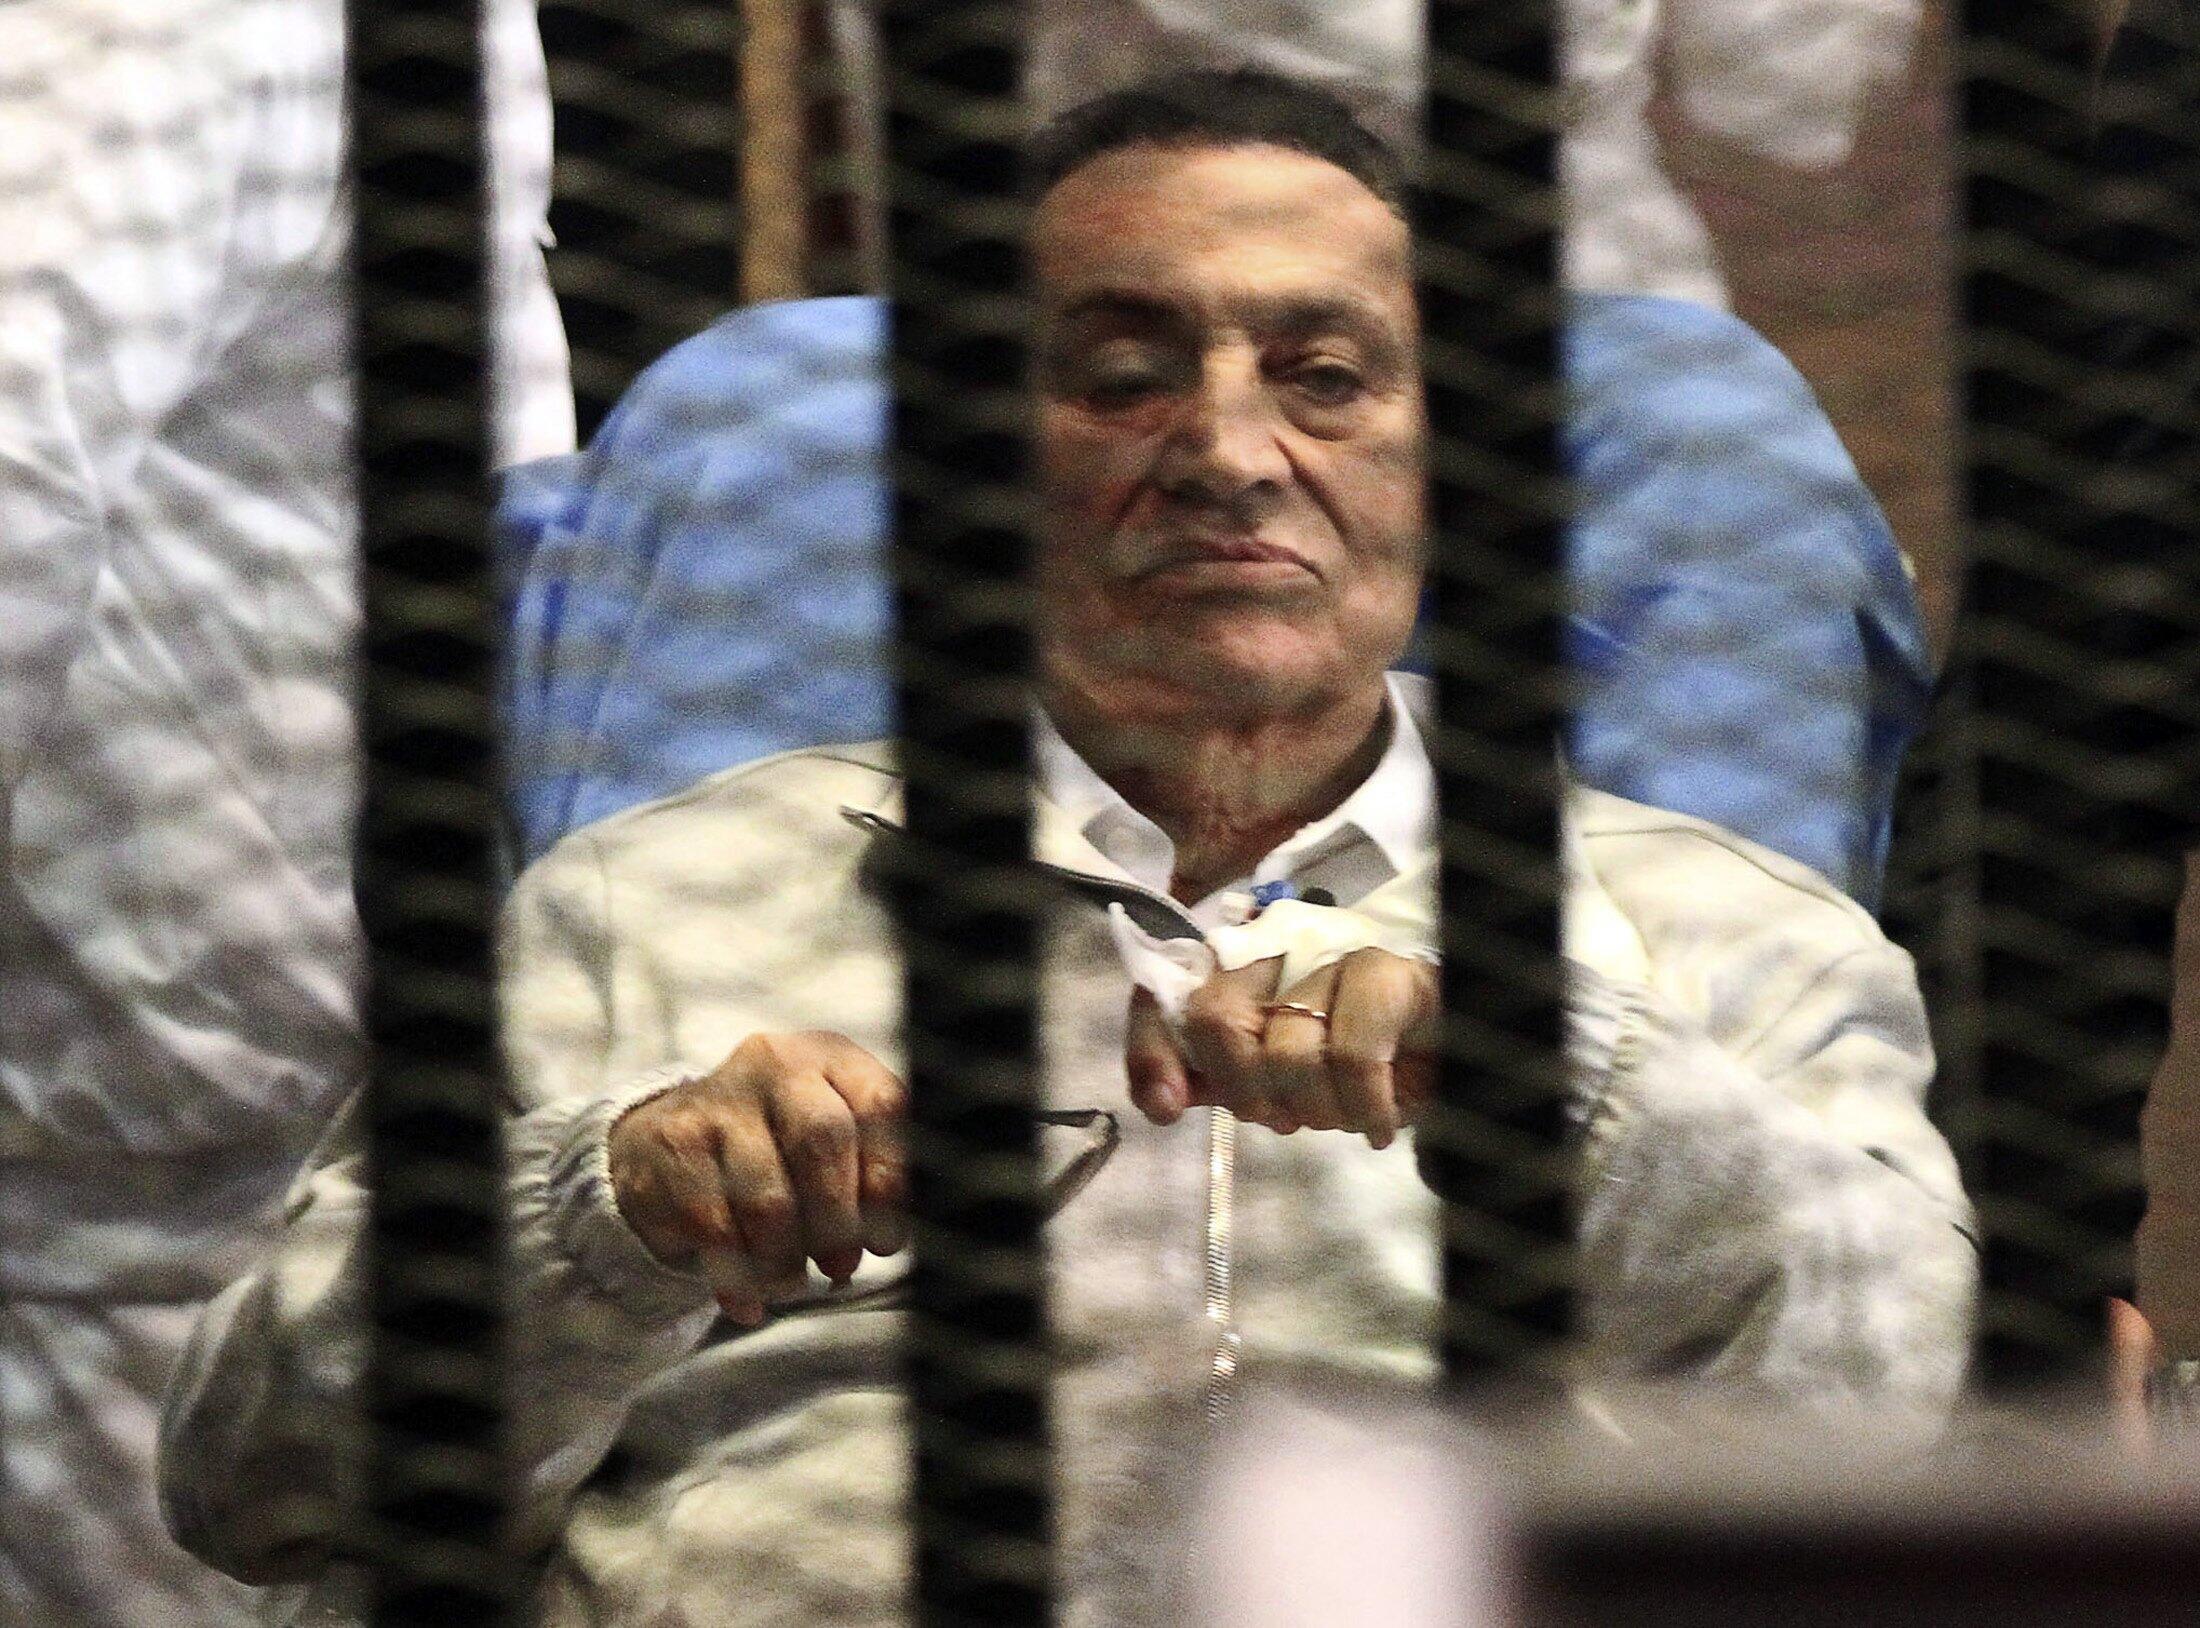 عکس آرشیو- حسنی مبارک، رئیس جمهور سابق مصر.